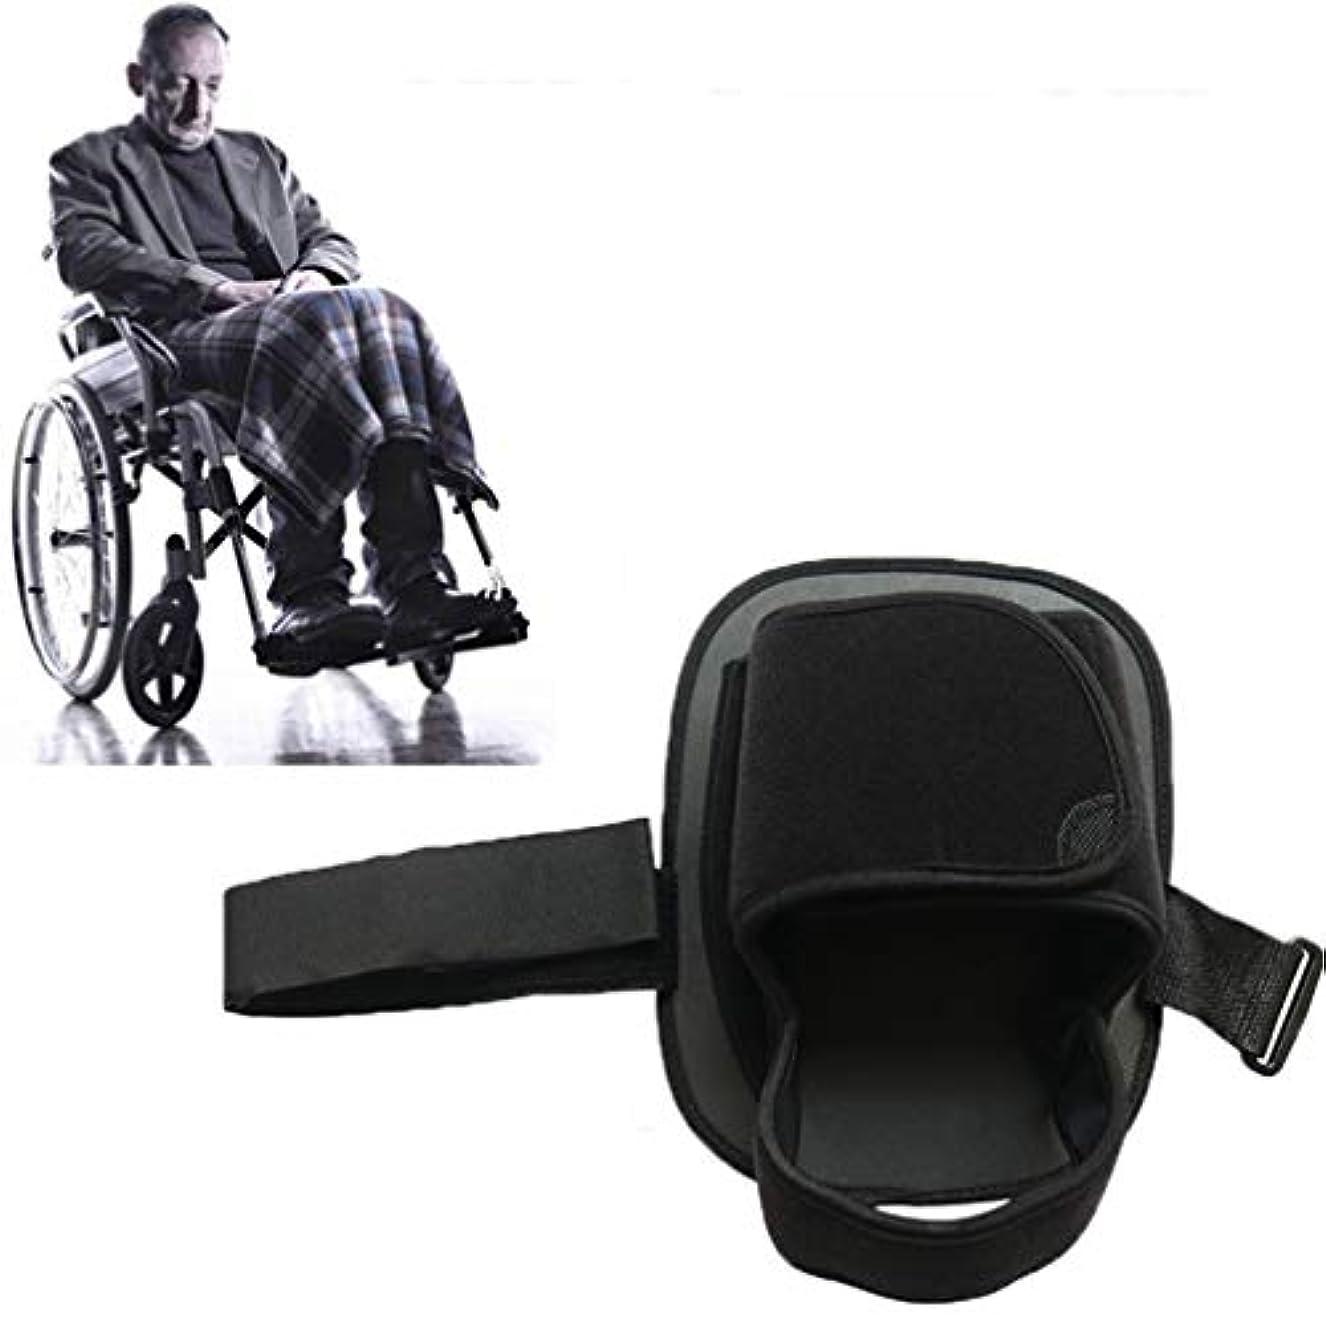 財産献身野望車椅子靴ホルダーストラップ安全拘束シューズ(1ペア)高齢者の患者のための車いすペダルフット休符から滑り落ちるの足をキープ